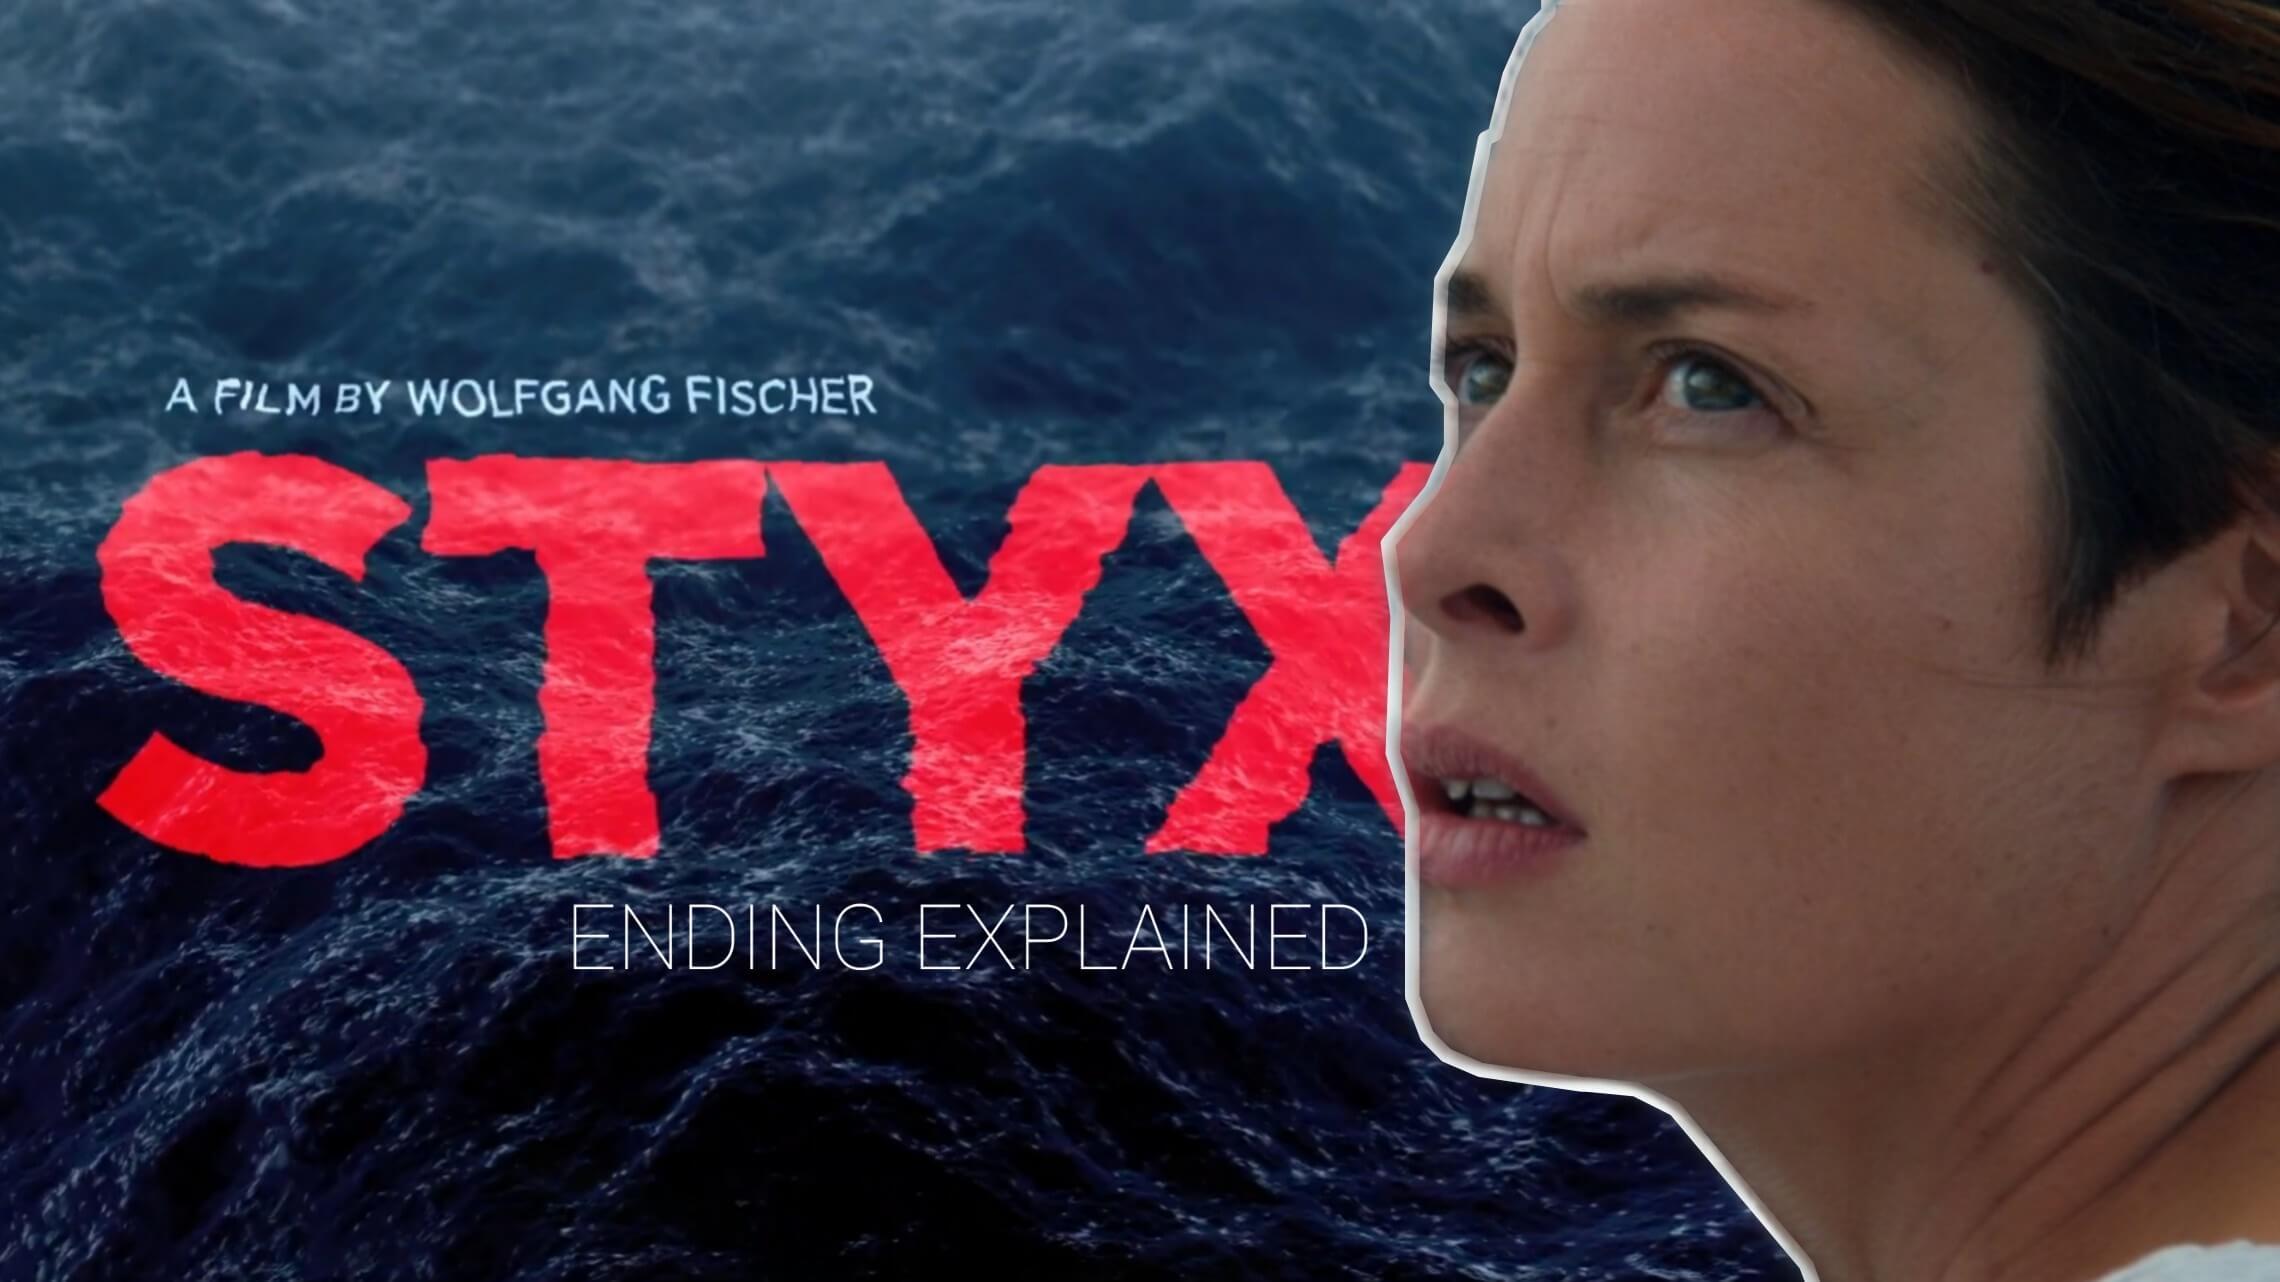 Styx movie ending explained